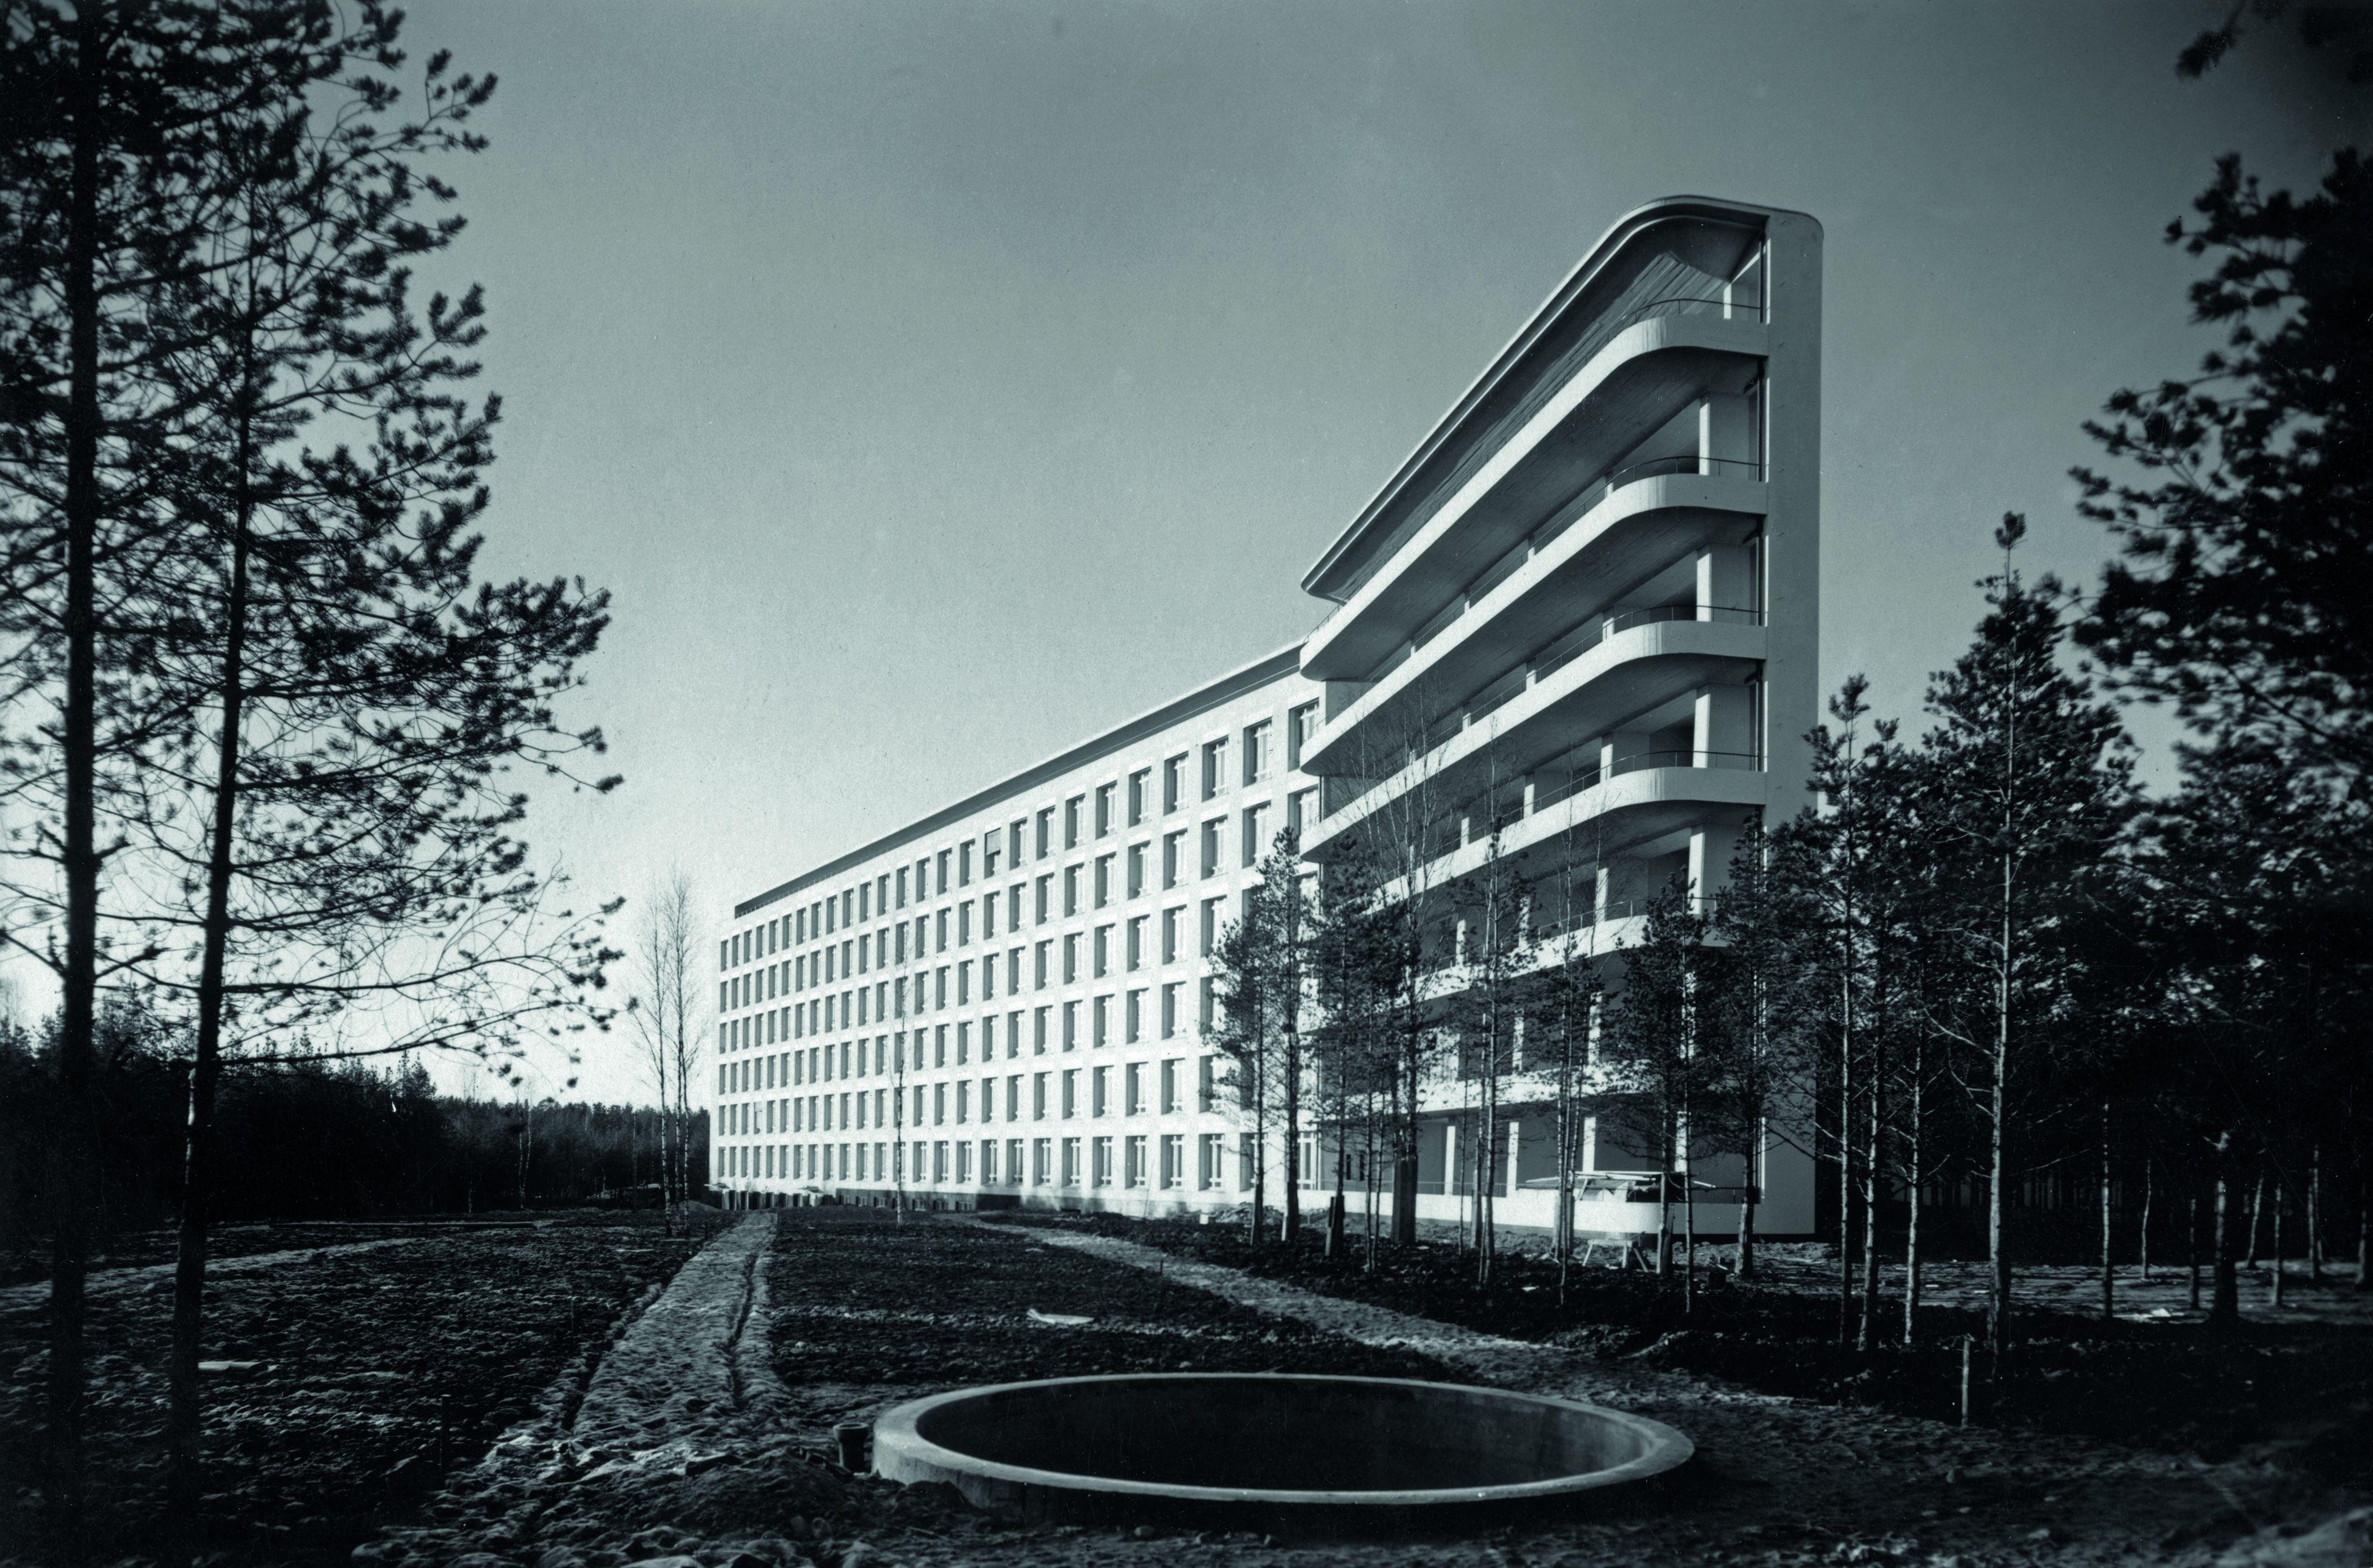 パイミオのサナトリウム/Alvar Aalto, 1928-33 (C)Alvar Aalto Museum, photo: Gustaf Welin